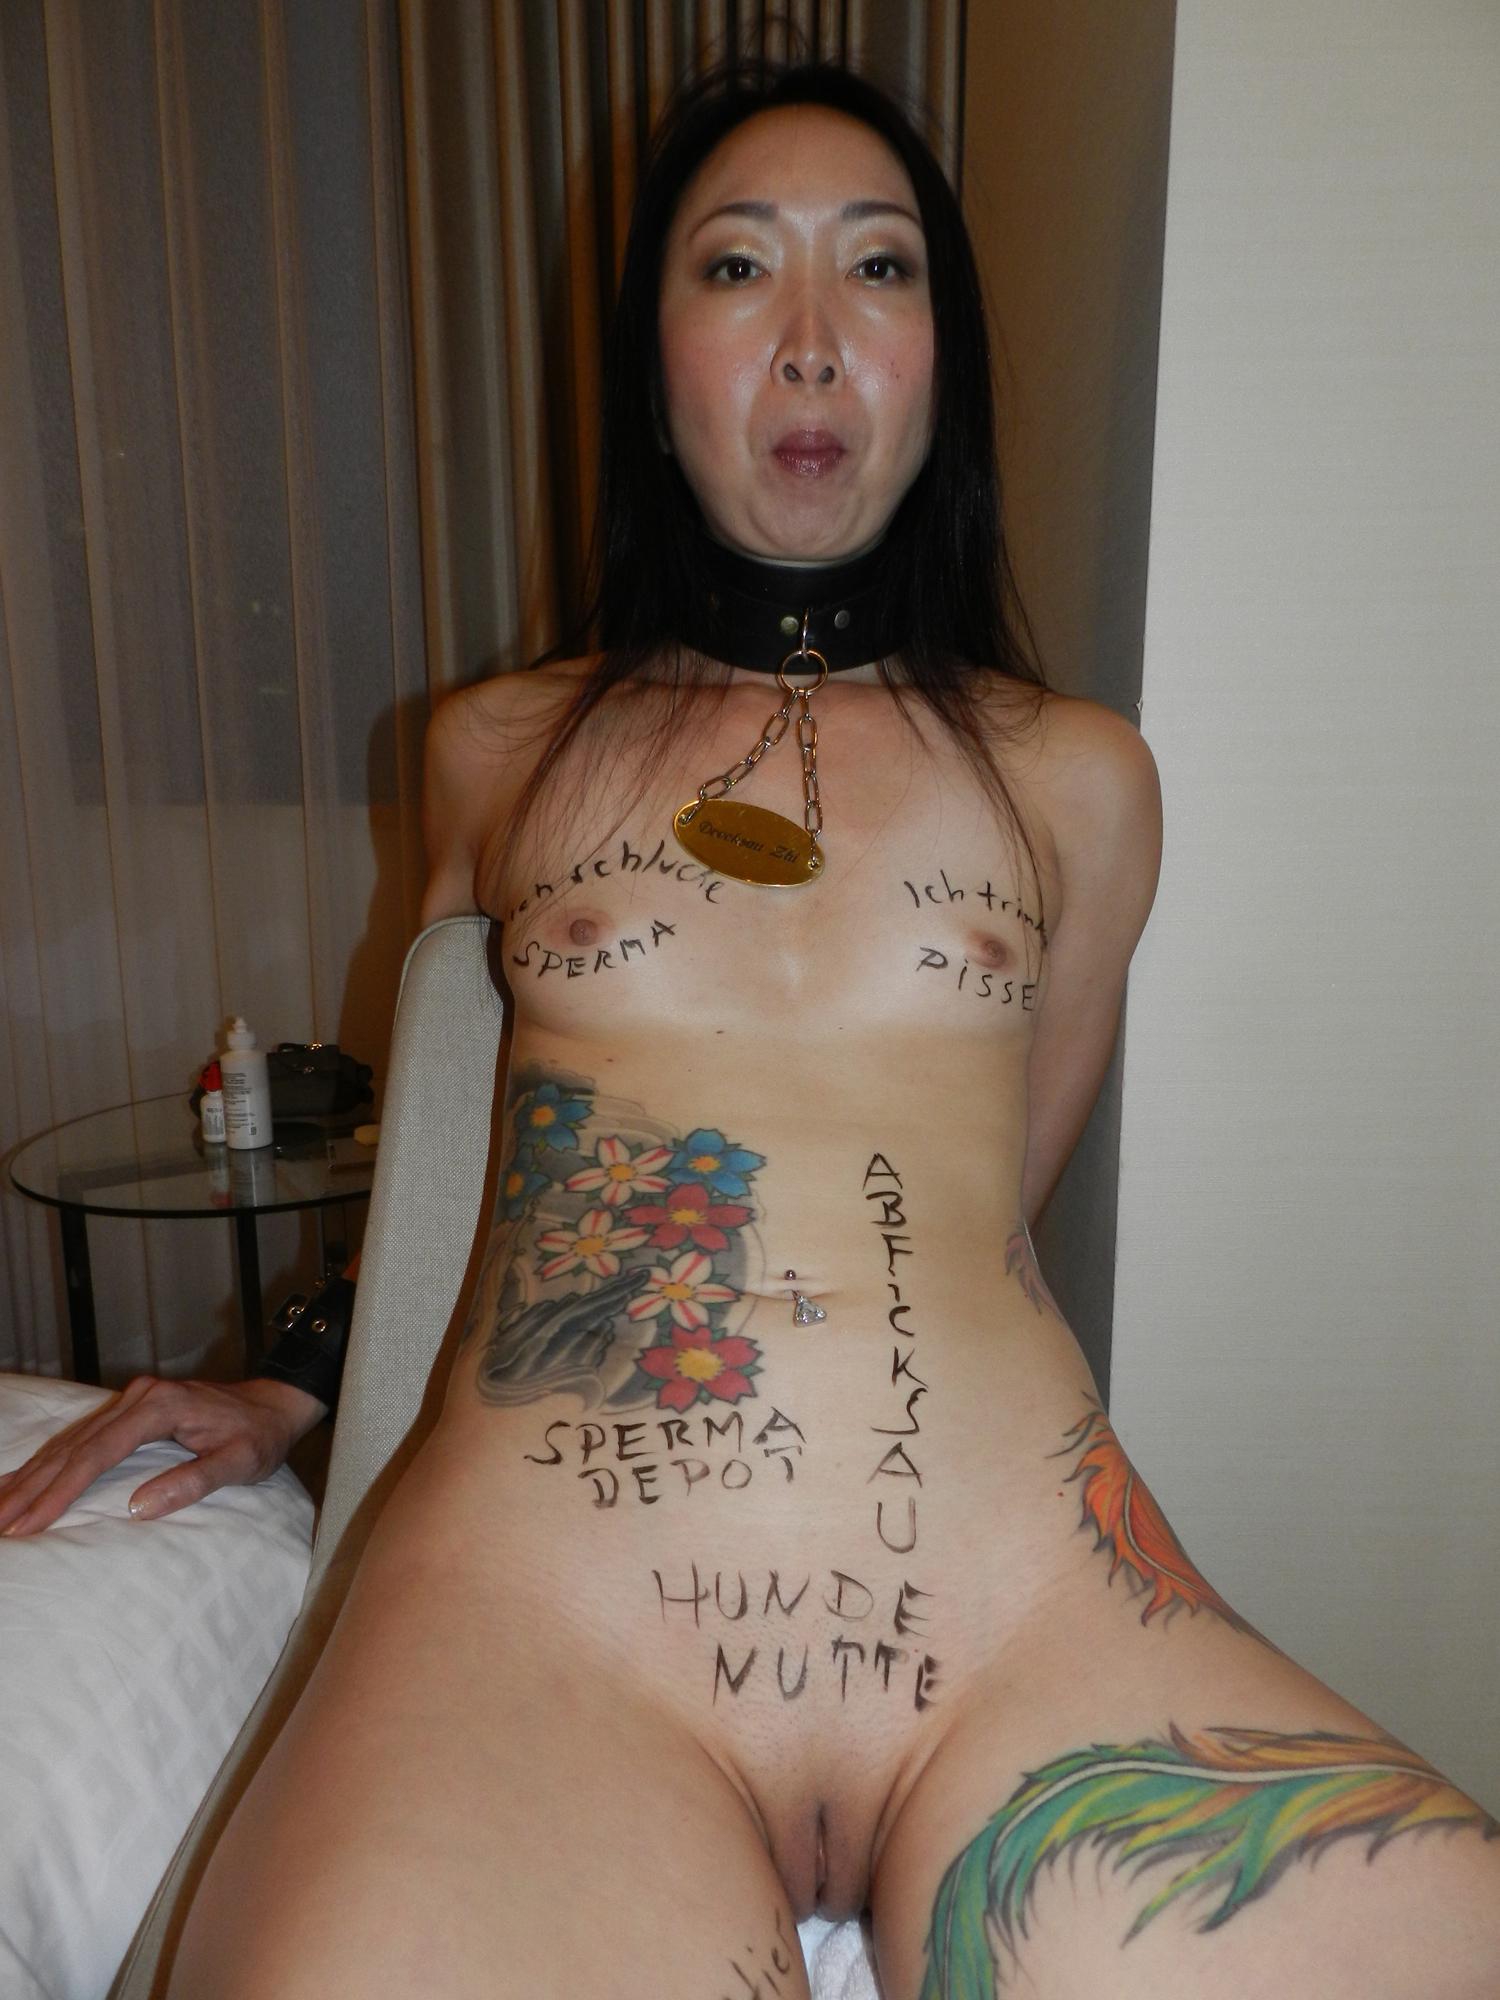 Slutty tattoed mature women naked photos